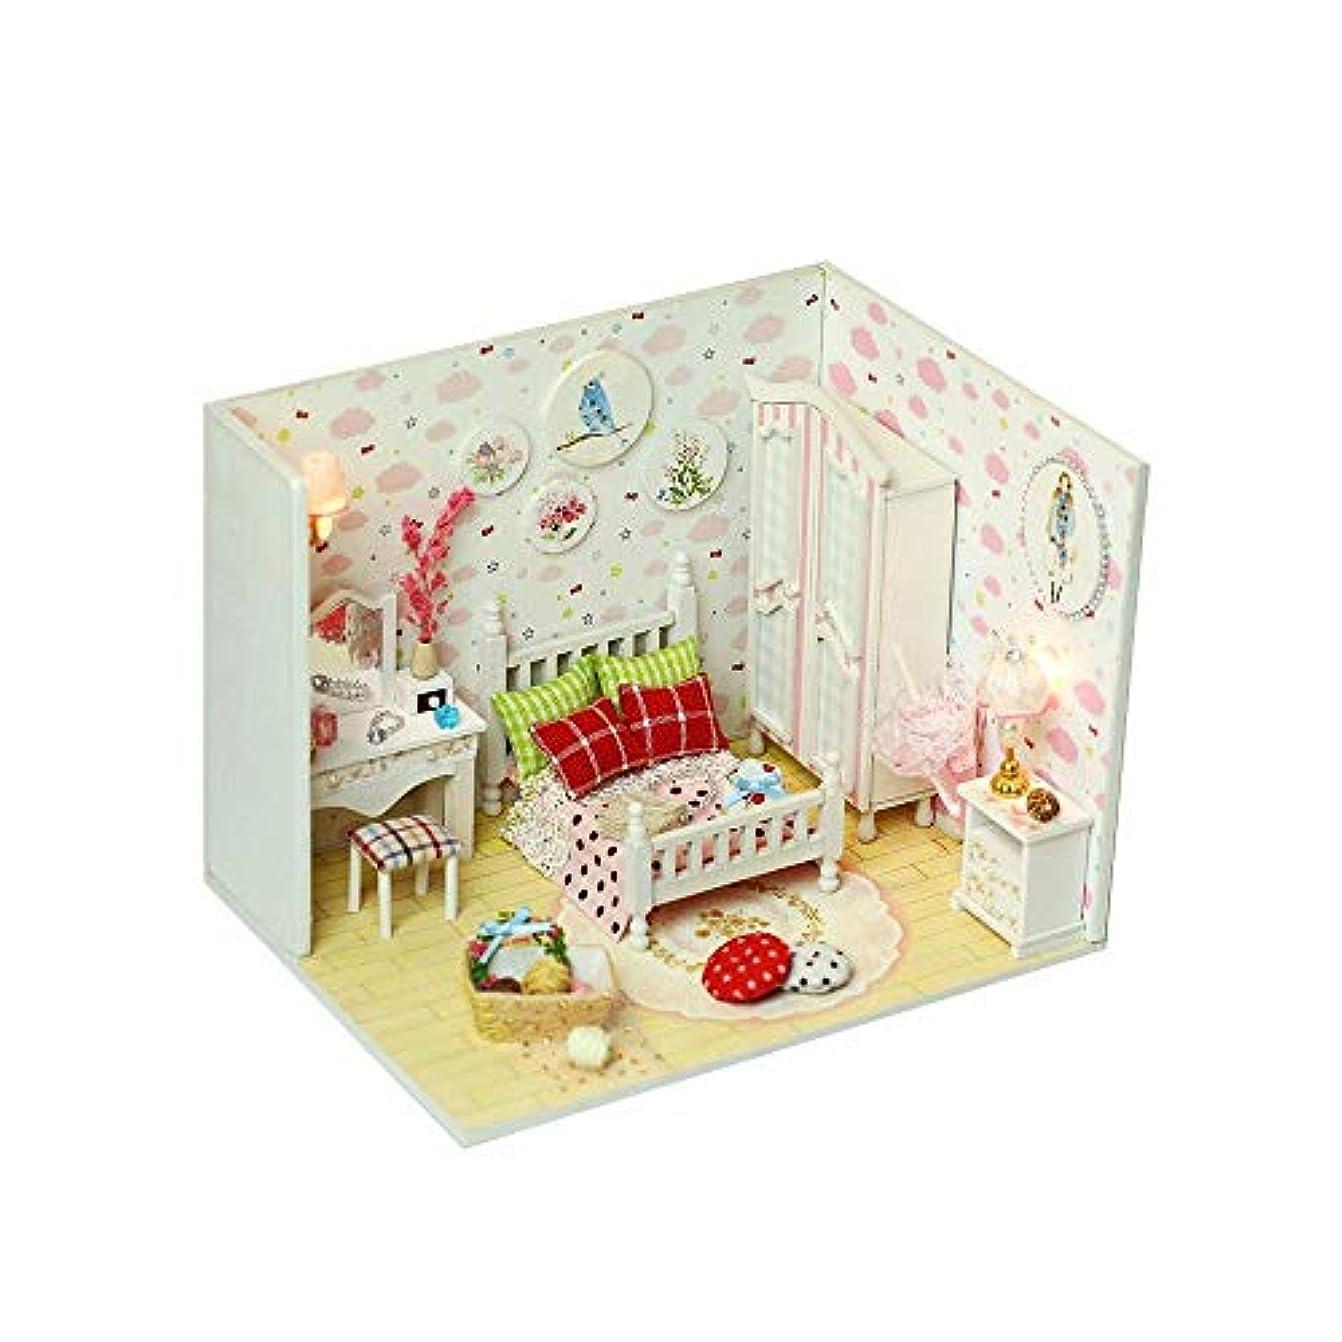 失態区命題DANHCHUN DIYドール ハウス ハンド クラフトかわいい木製ハウス ミニ ベッド ルーム家具キット、スウィートスタードリームギフト用キッズDIYハウス